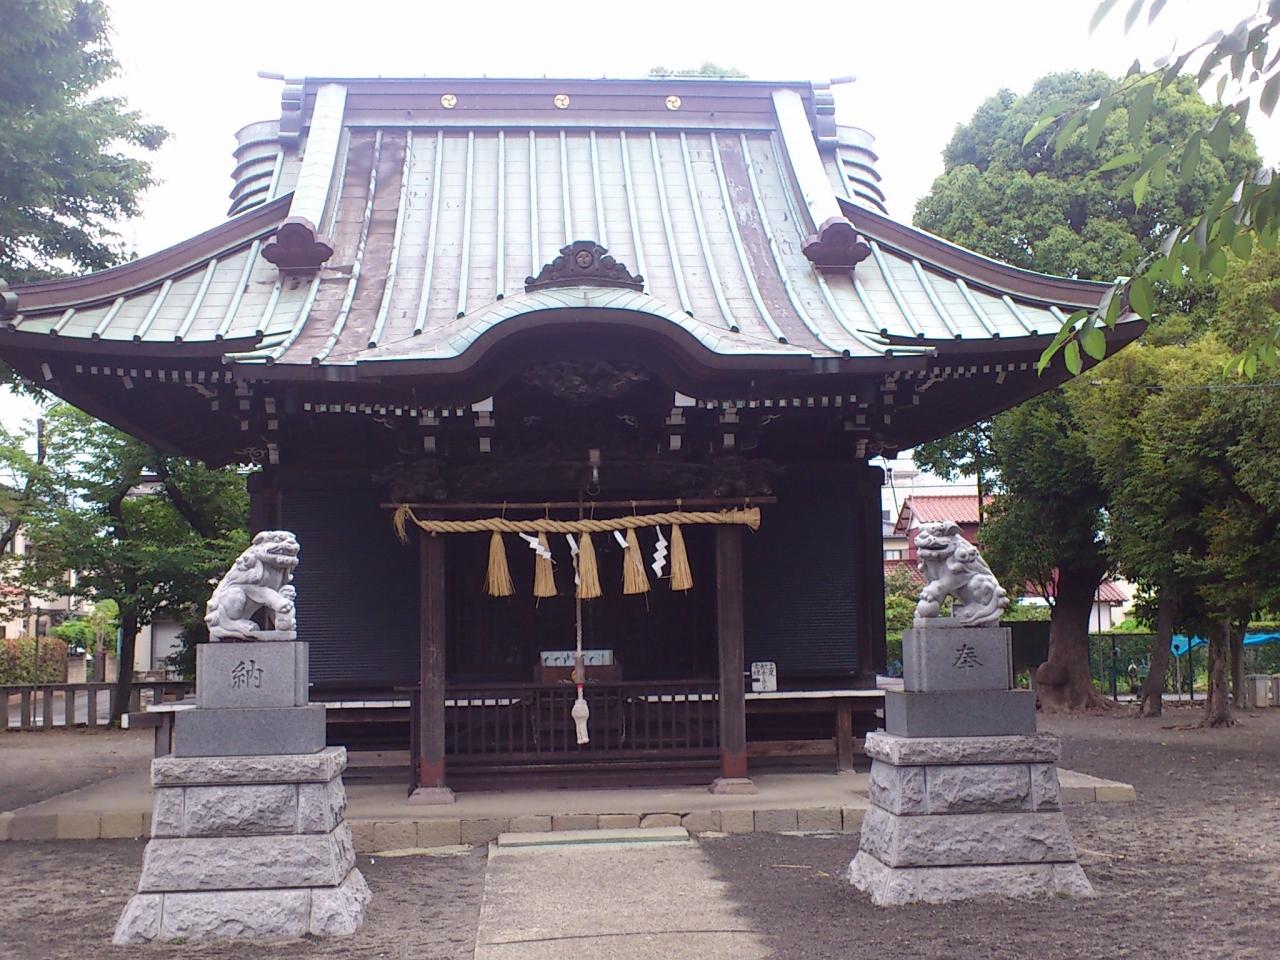 諏訪神社 (海老名市)